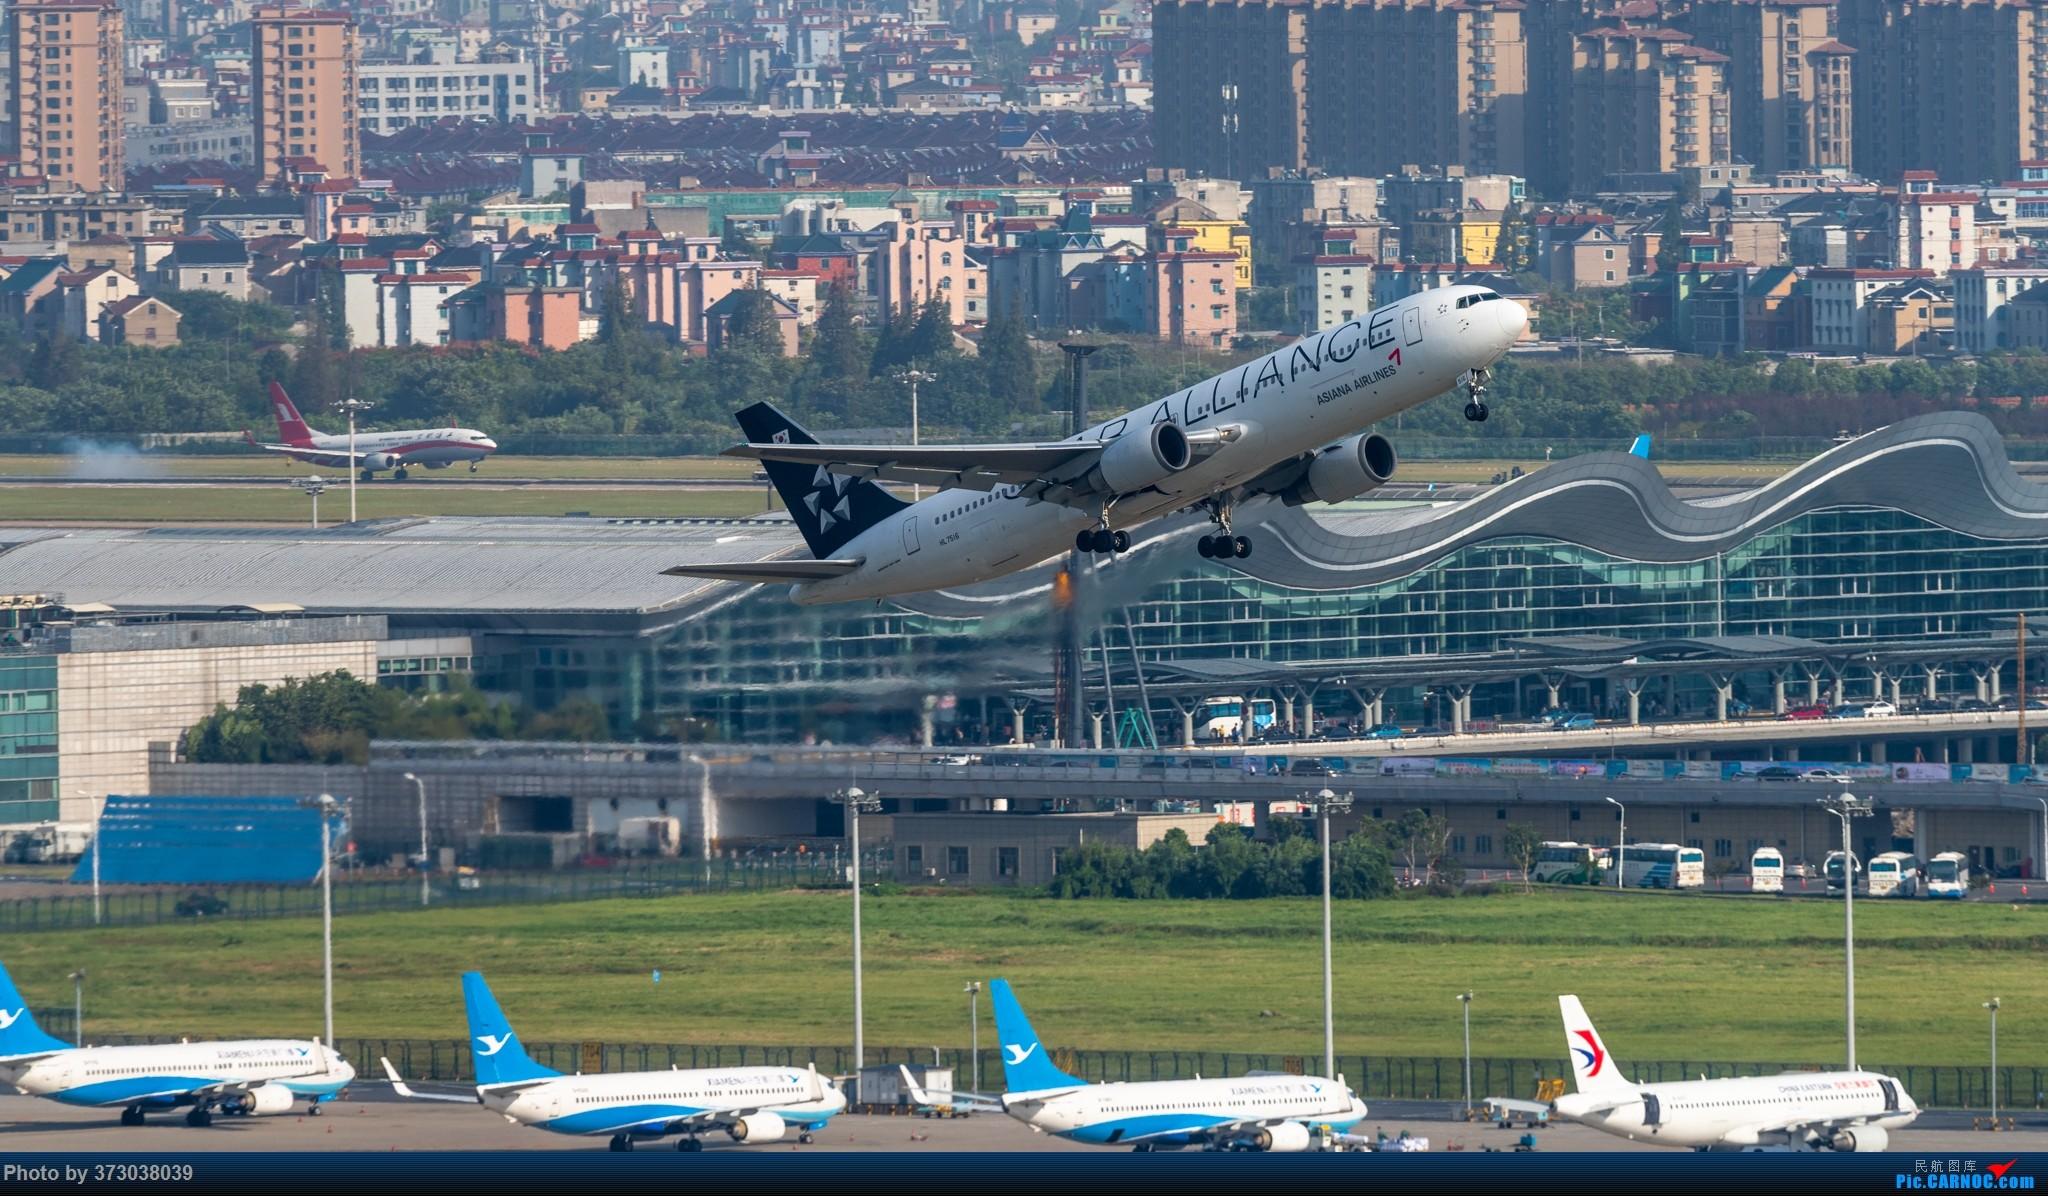 [原创]山顶动人,杭州萧山国际机场 红山观光视角    中国杭州萧山国际机场